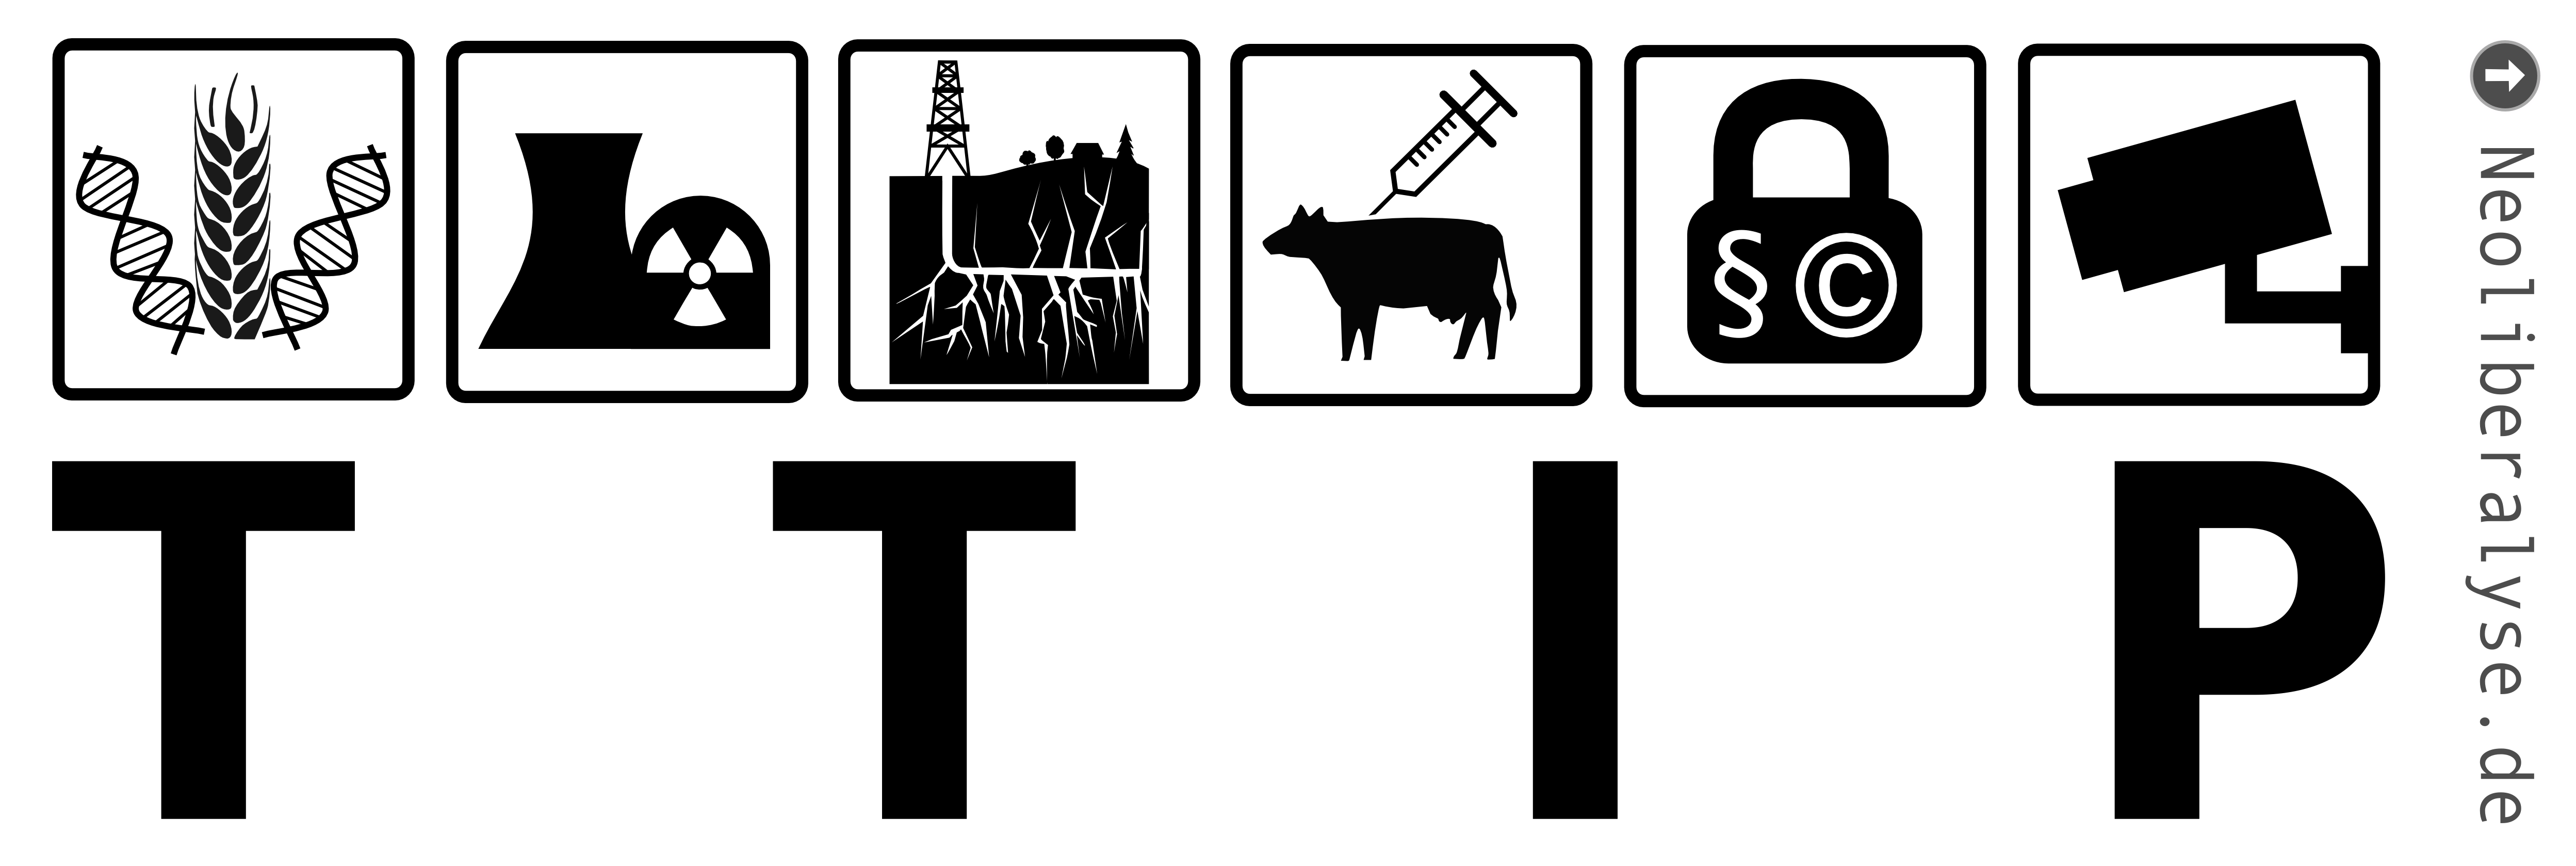 TTIP-Schwarz-auf-weiss-Neoliberalyse